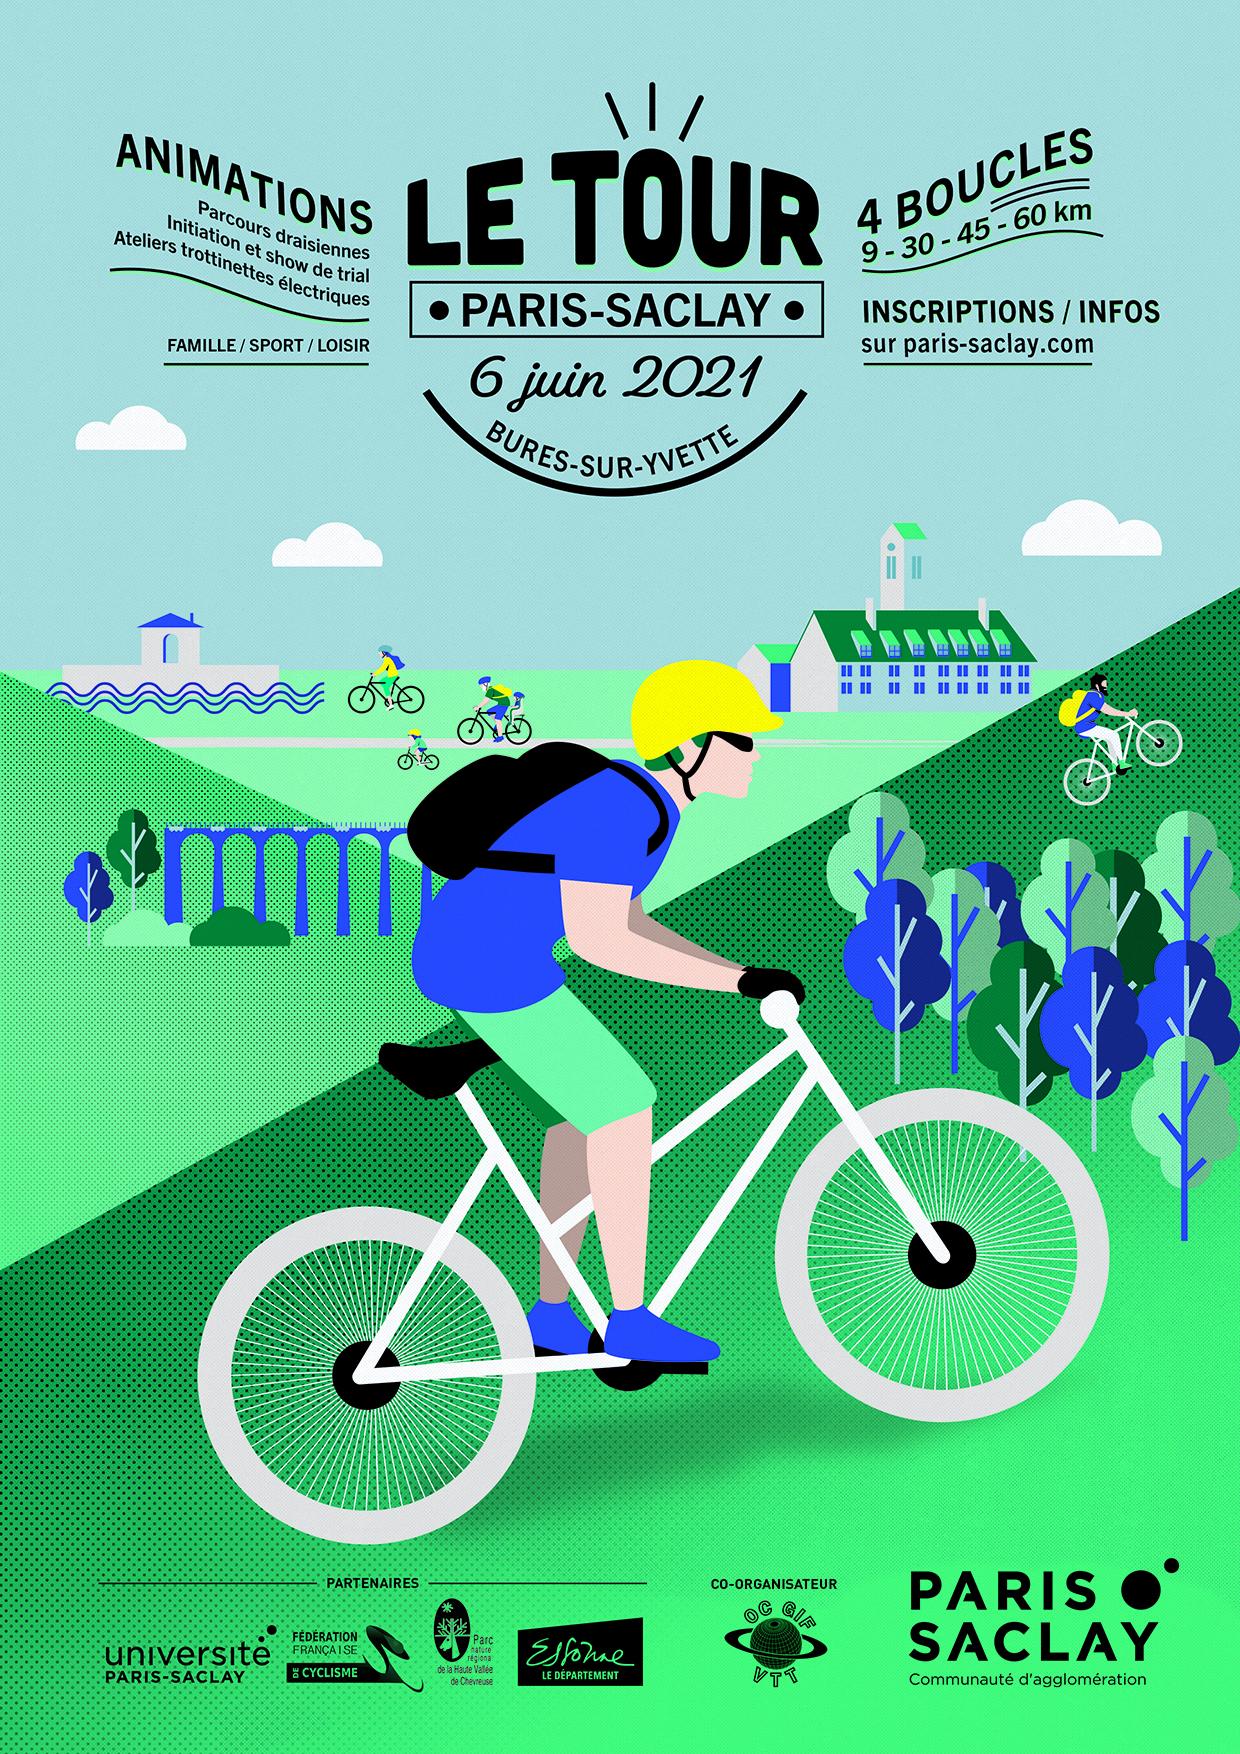 Le Tour Paris Saclay (TPS) 2021